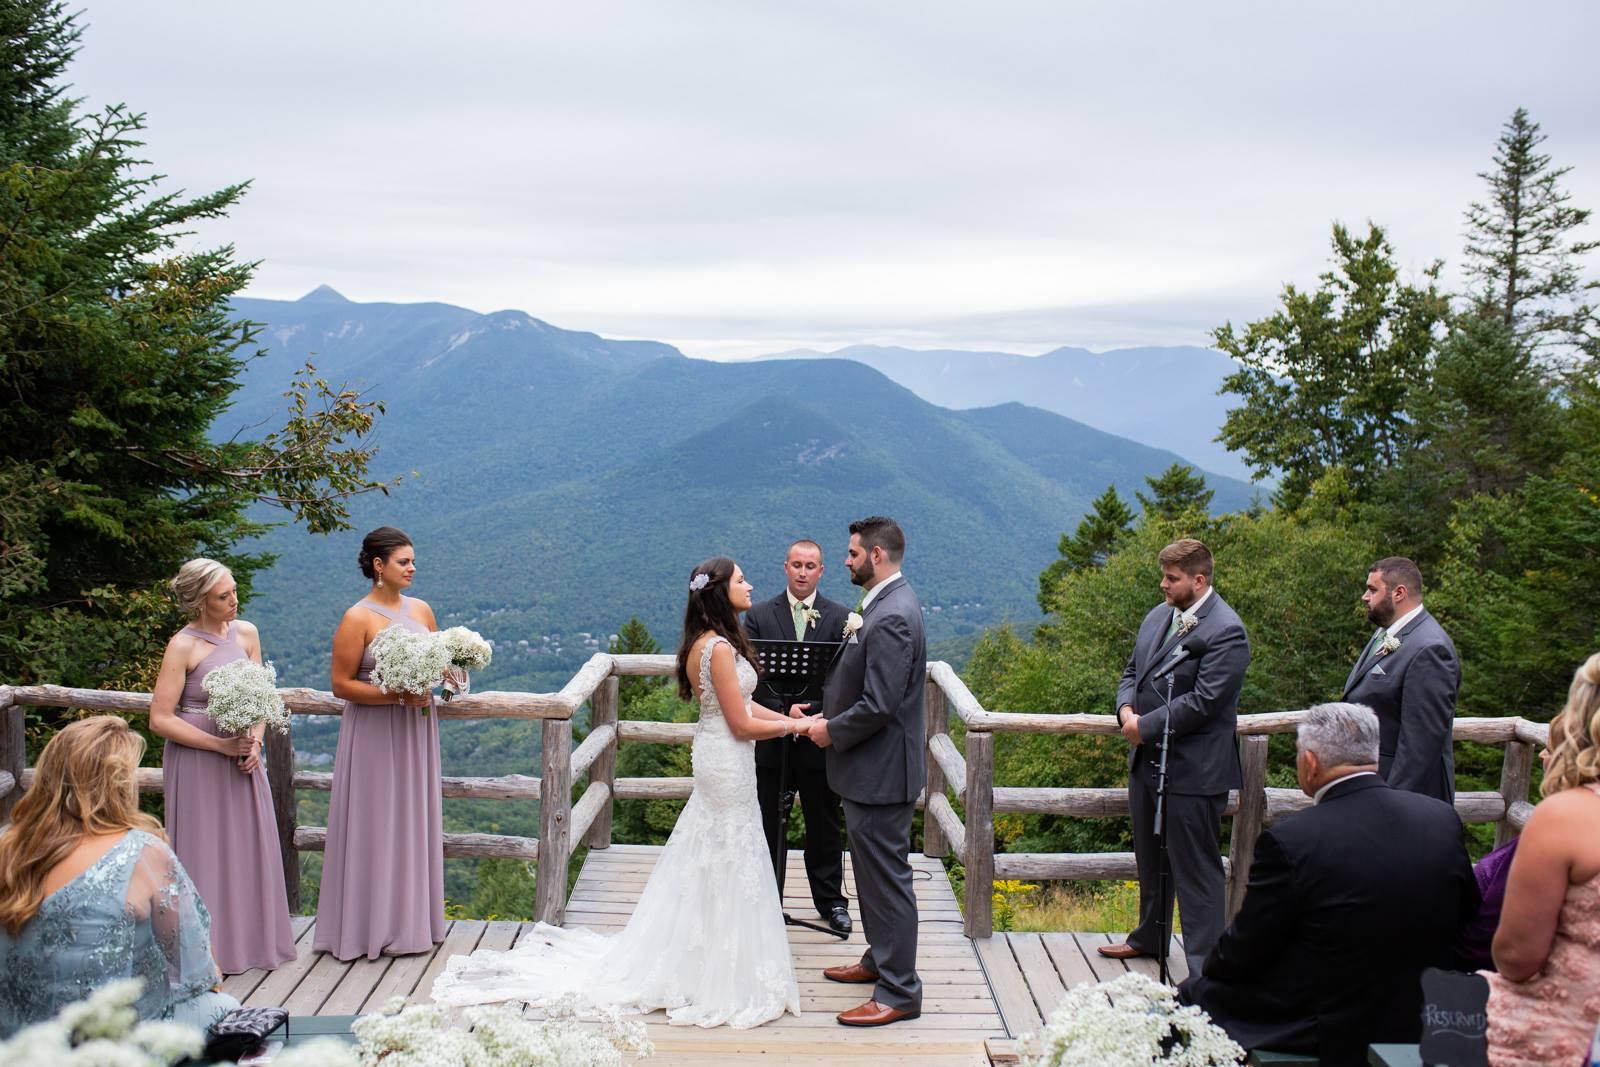 Lincoln, New Hampshire: Your New Destination Wedding Venue